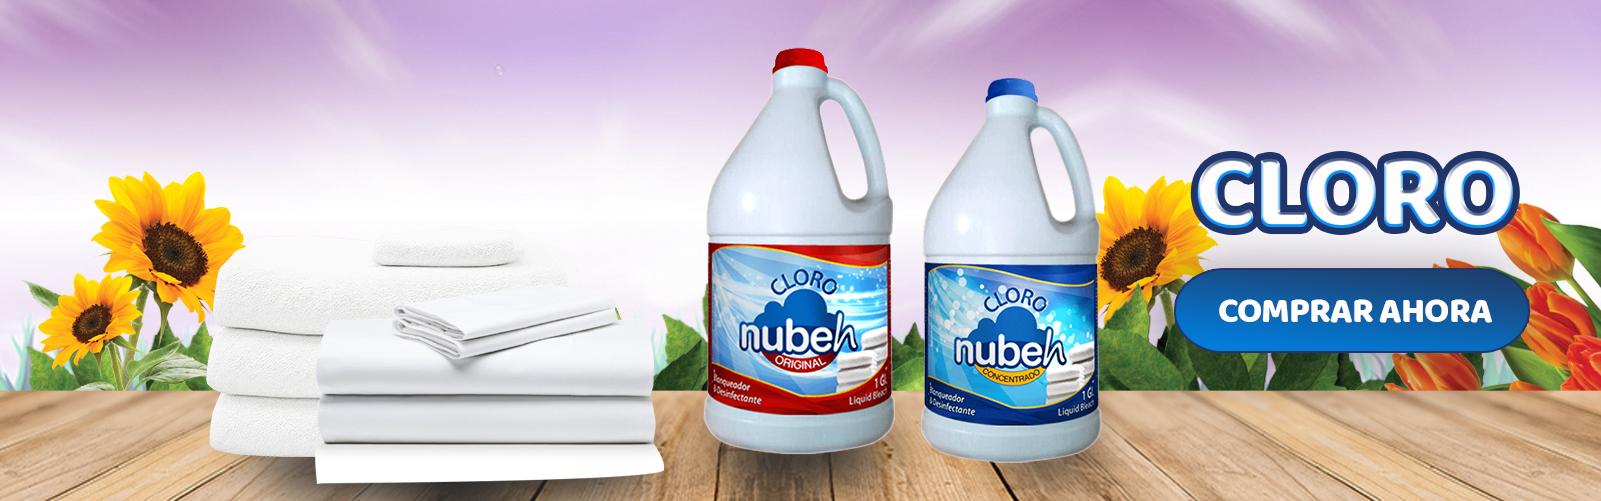 Cloro  -  Nubeh